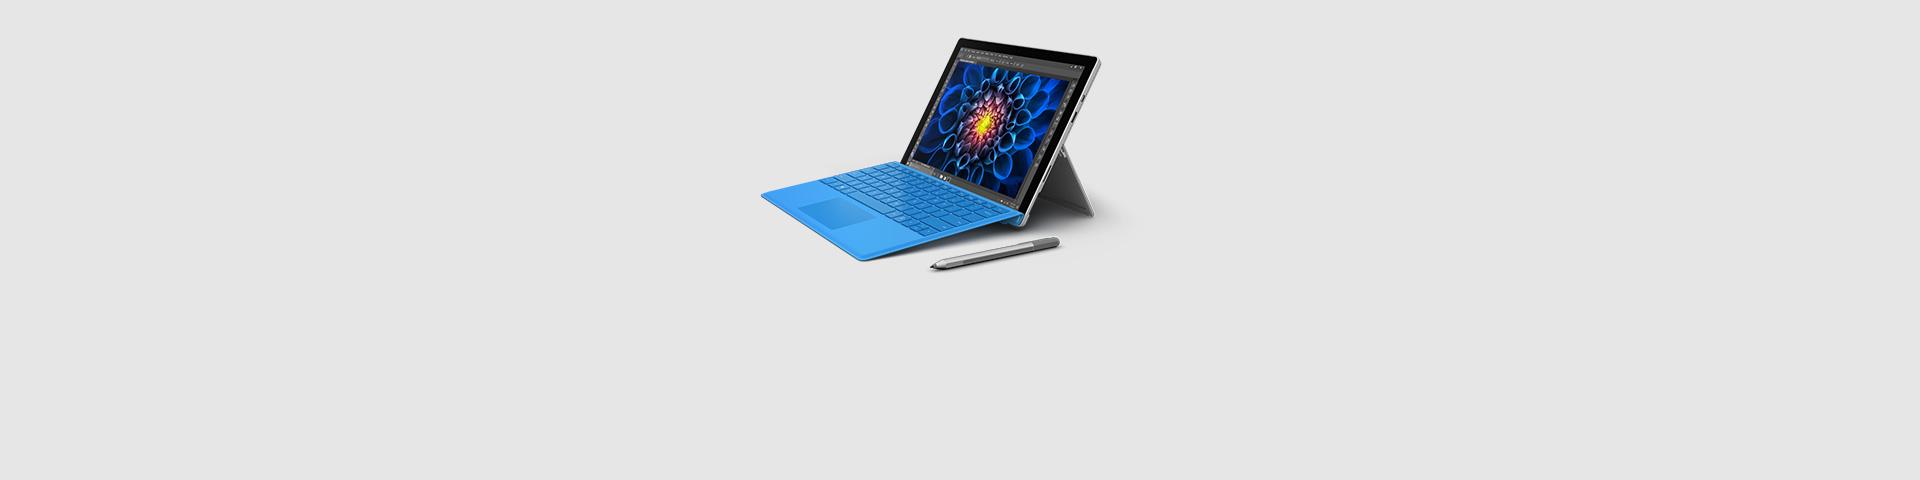 En Surface Pro 4-enhed